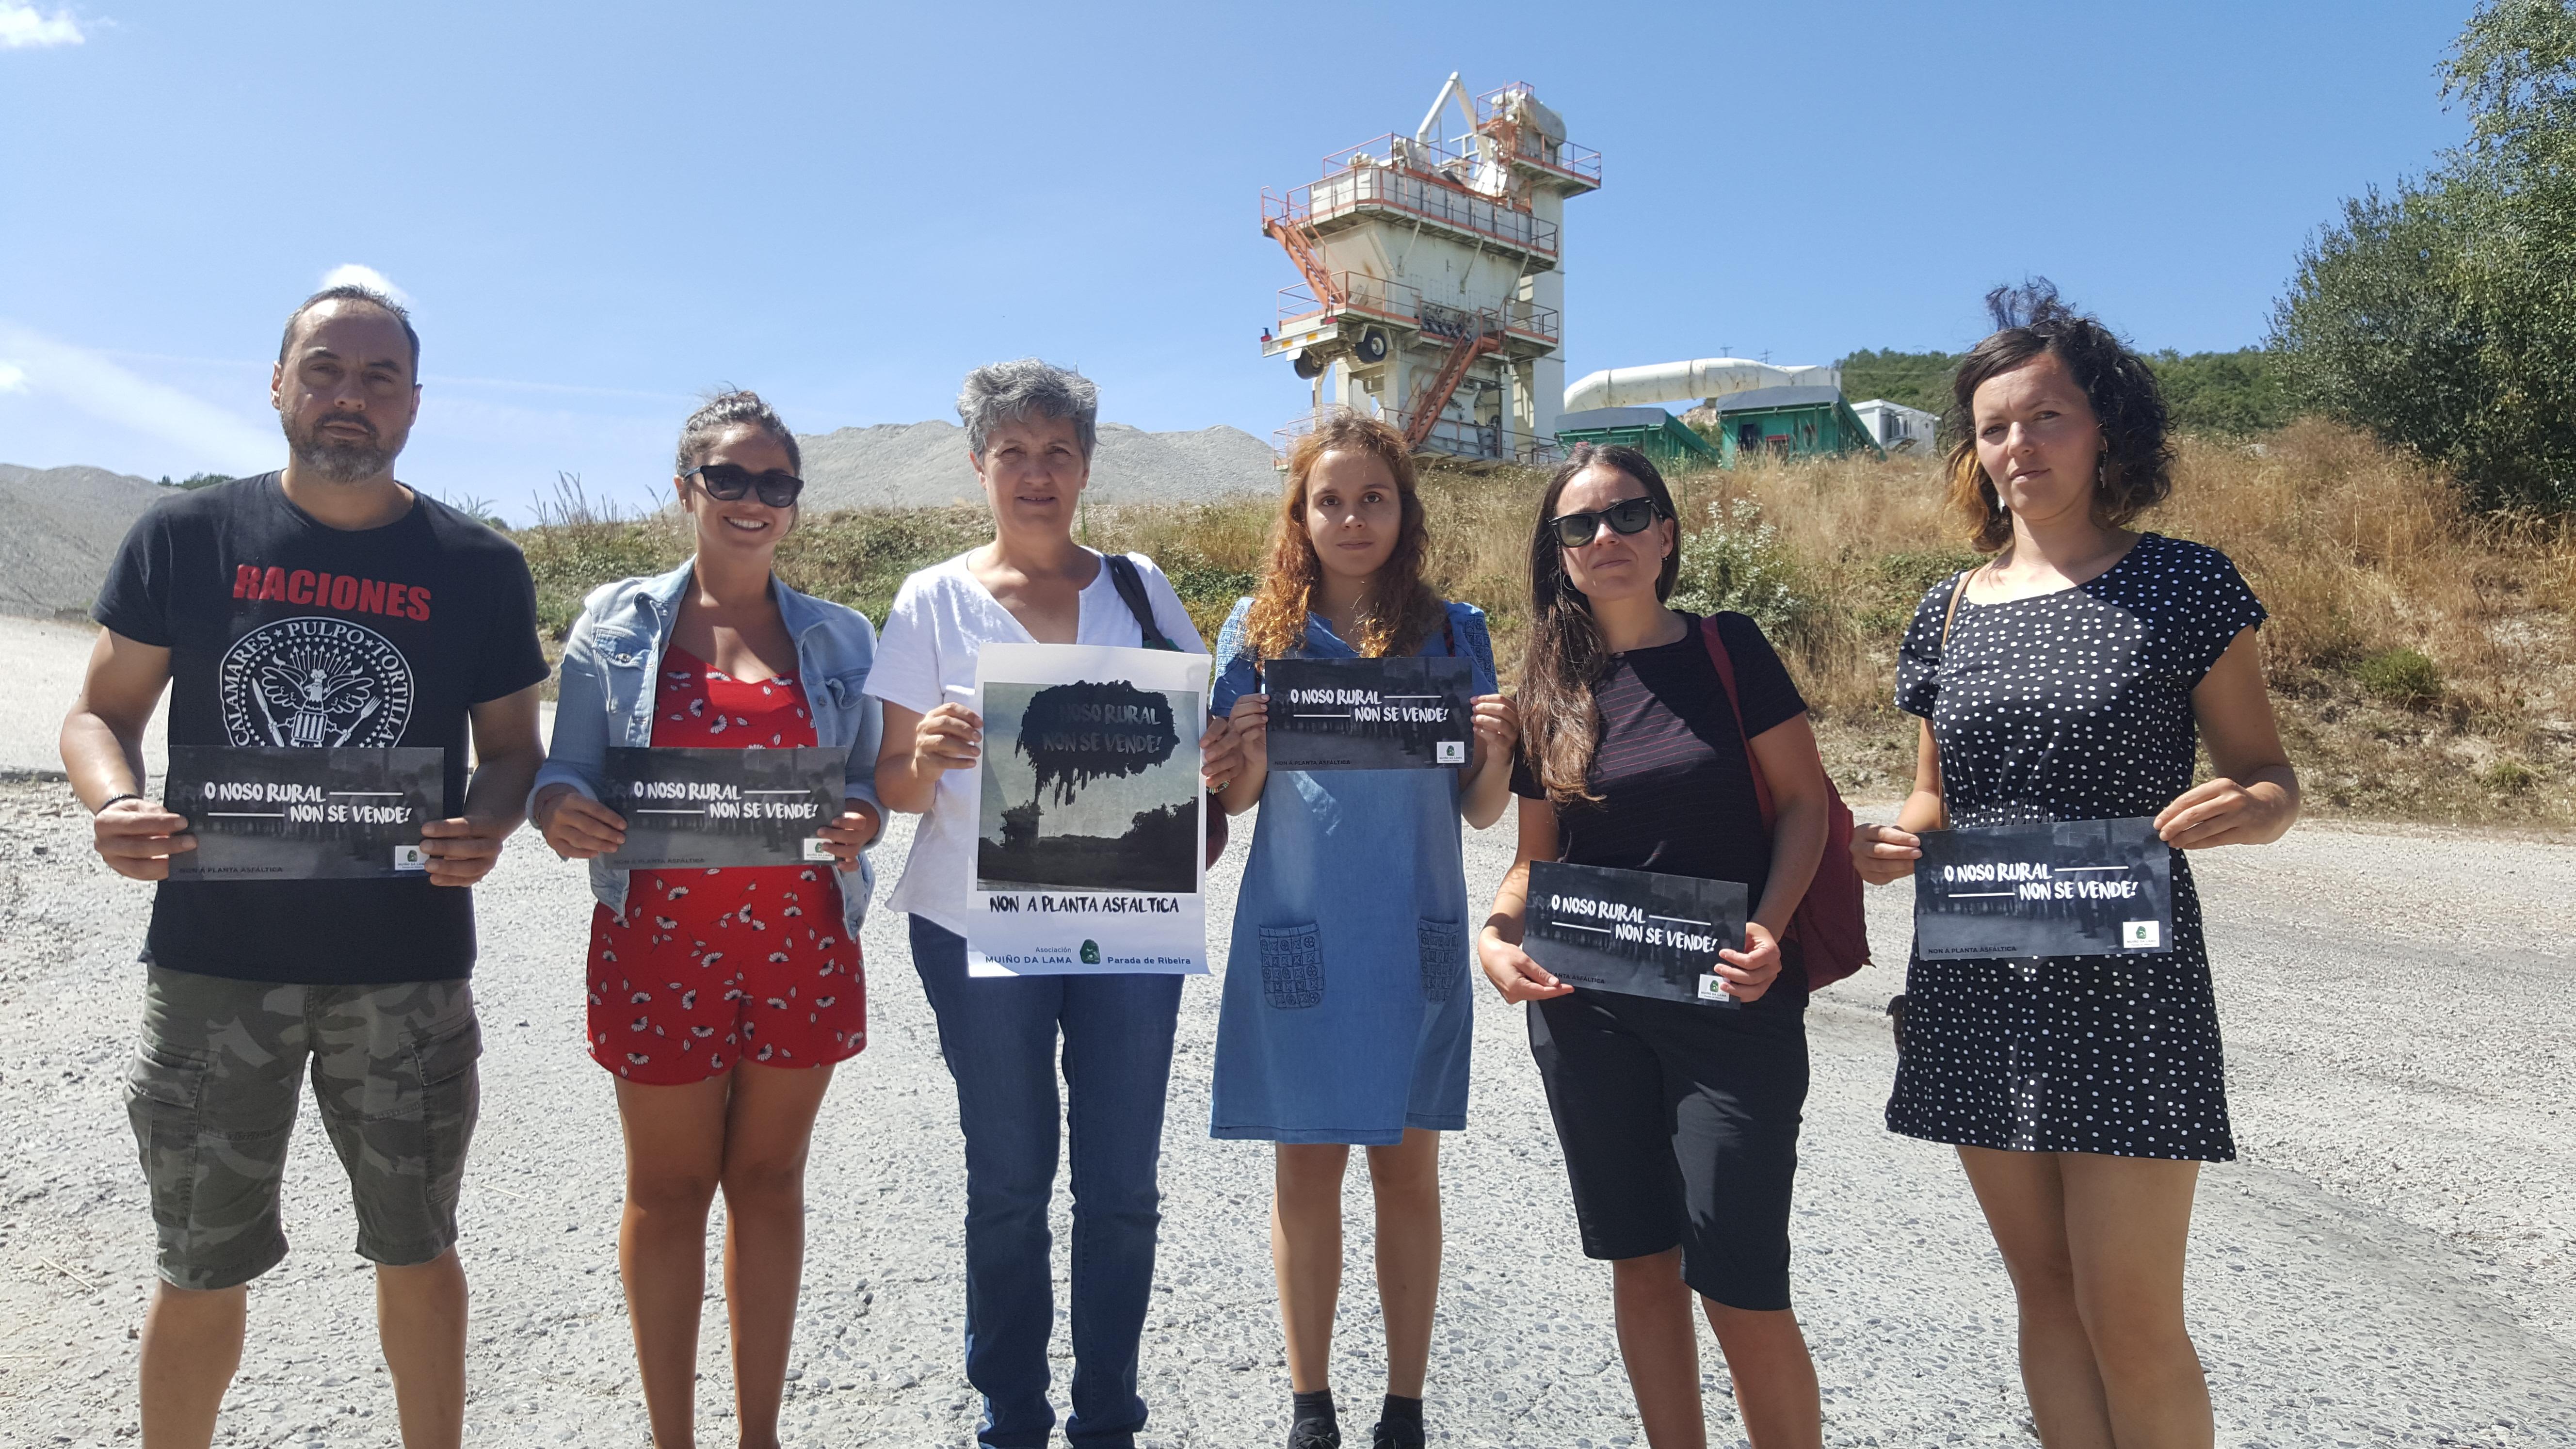 Lidia Senra xunto a persoas afectadas pola planta asfaltica de Xinzo